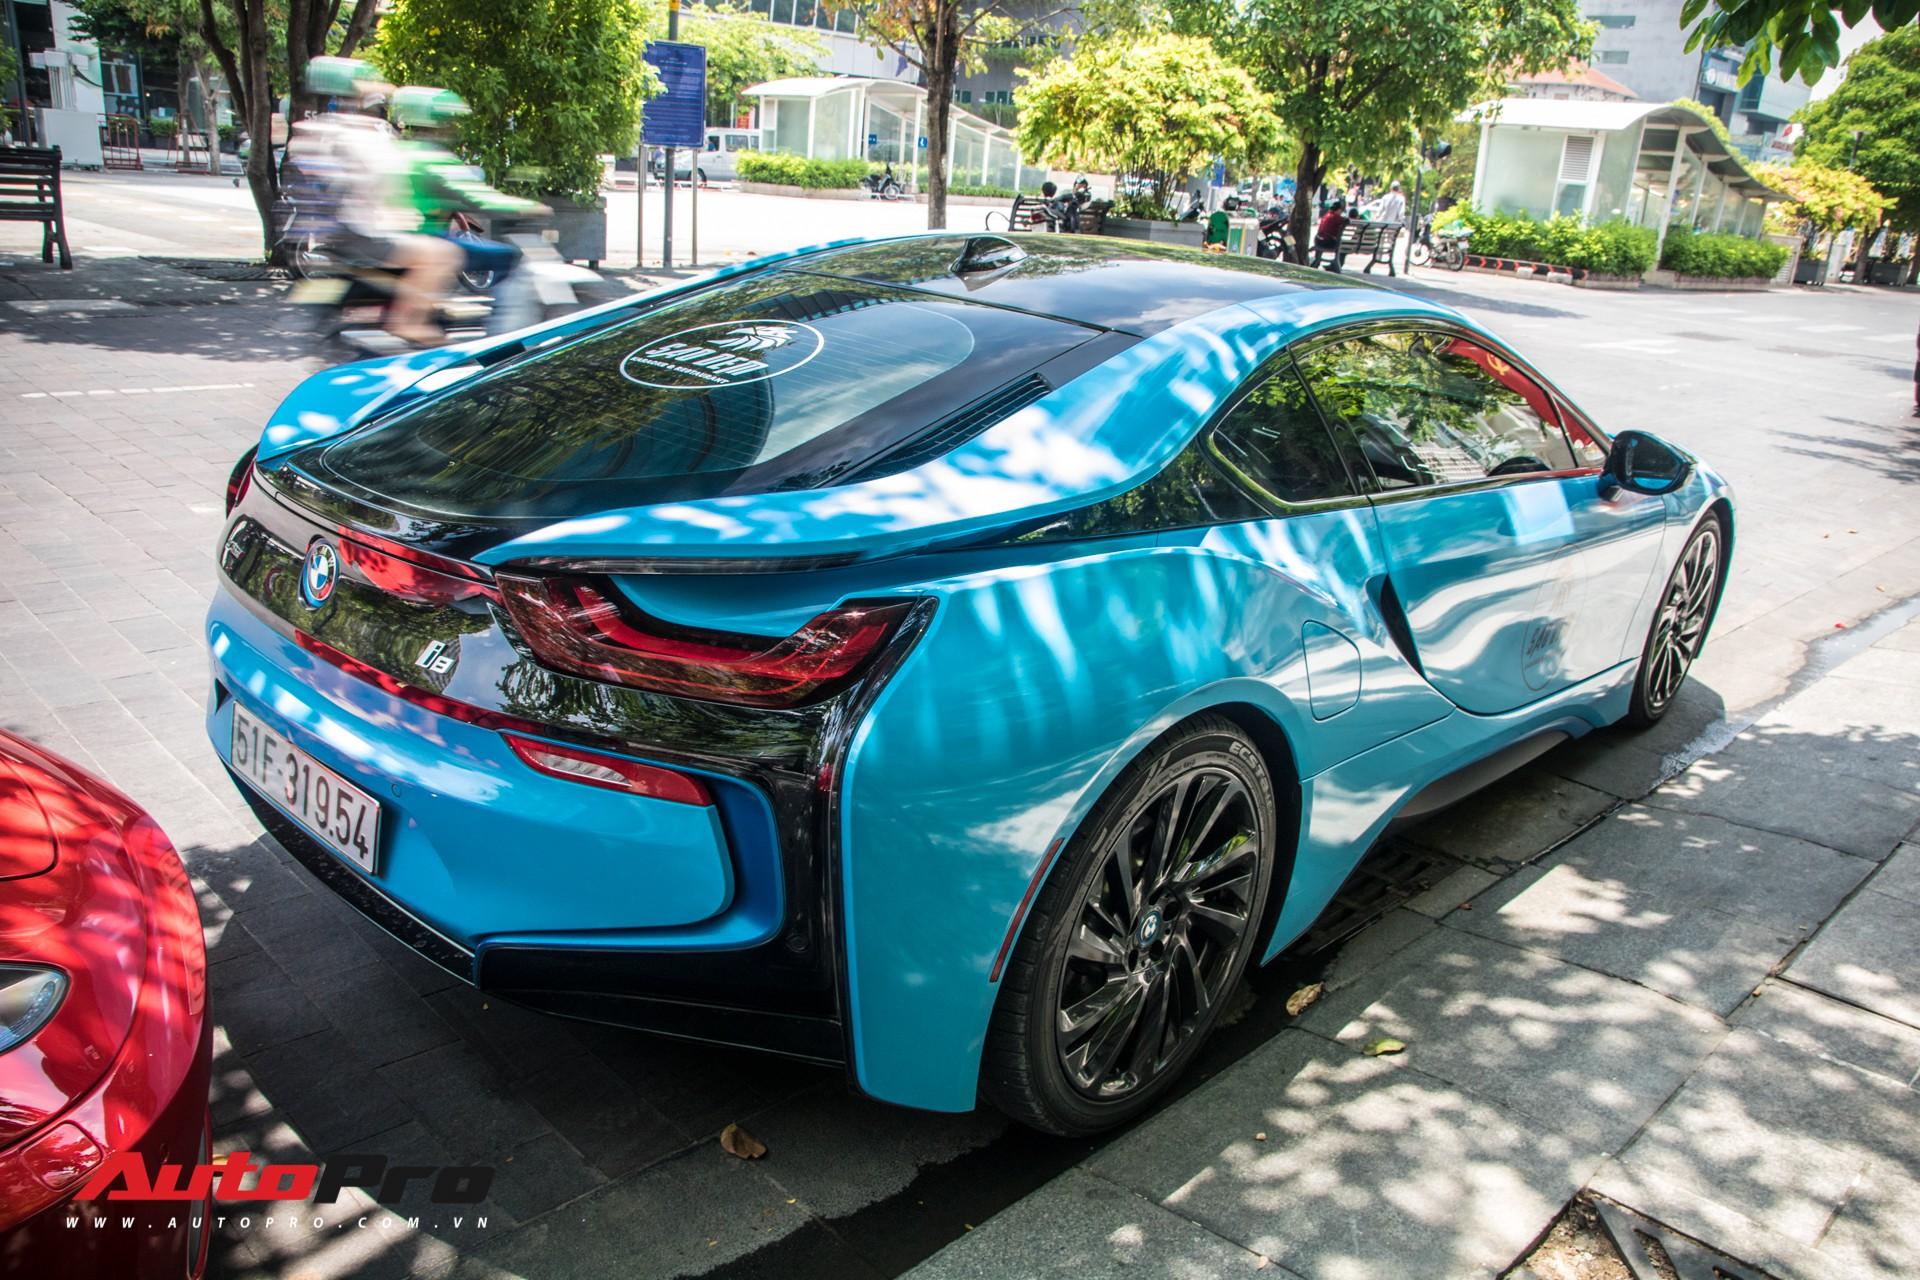 BMW i8 đã trở nên đại trà ở Việt Nam, chủ chiếc xe này chọn cách làm mới khác biệt để tạo điểm nhấn - Ảnh 2.